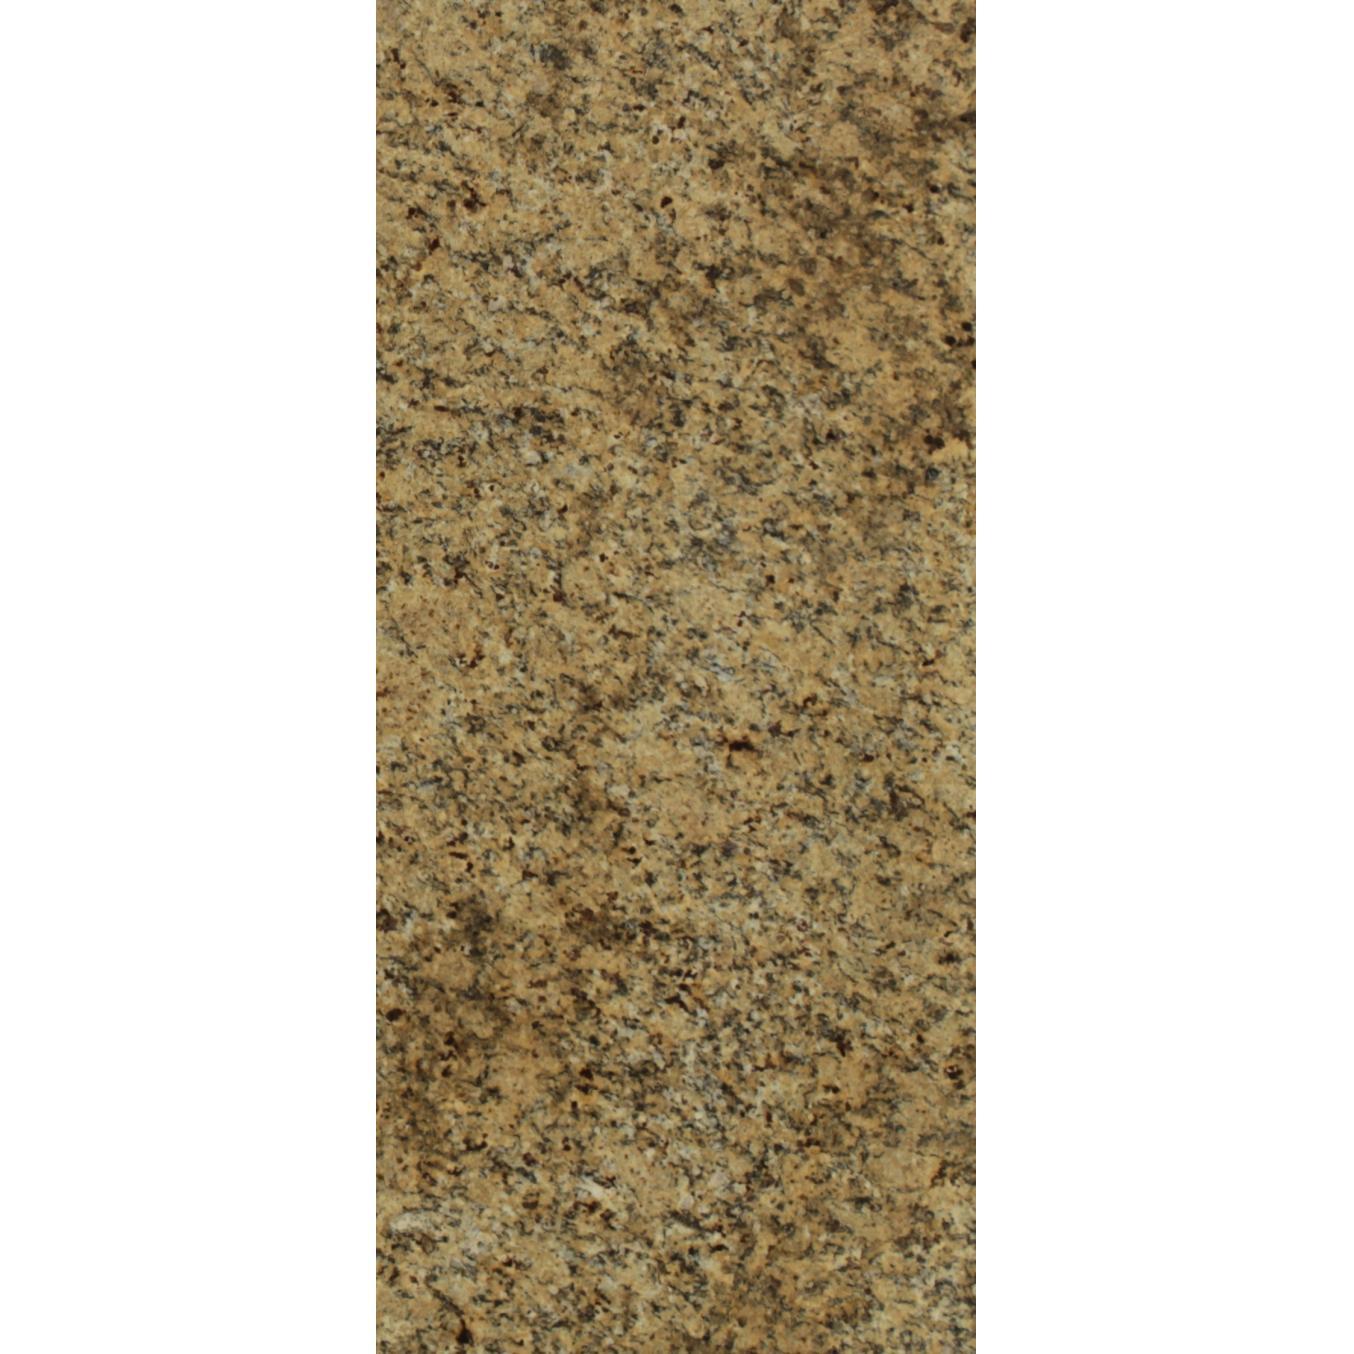 Image for Granite 15204-1: Oro Brazil